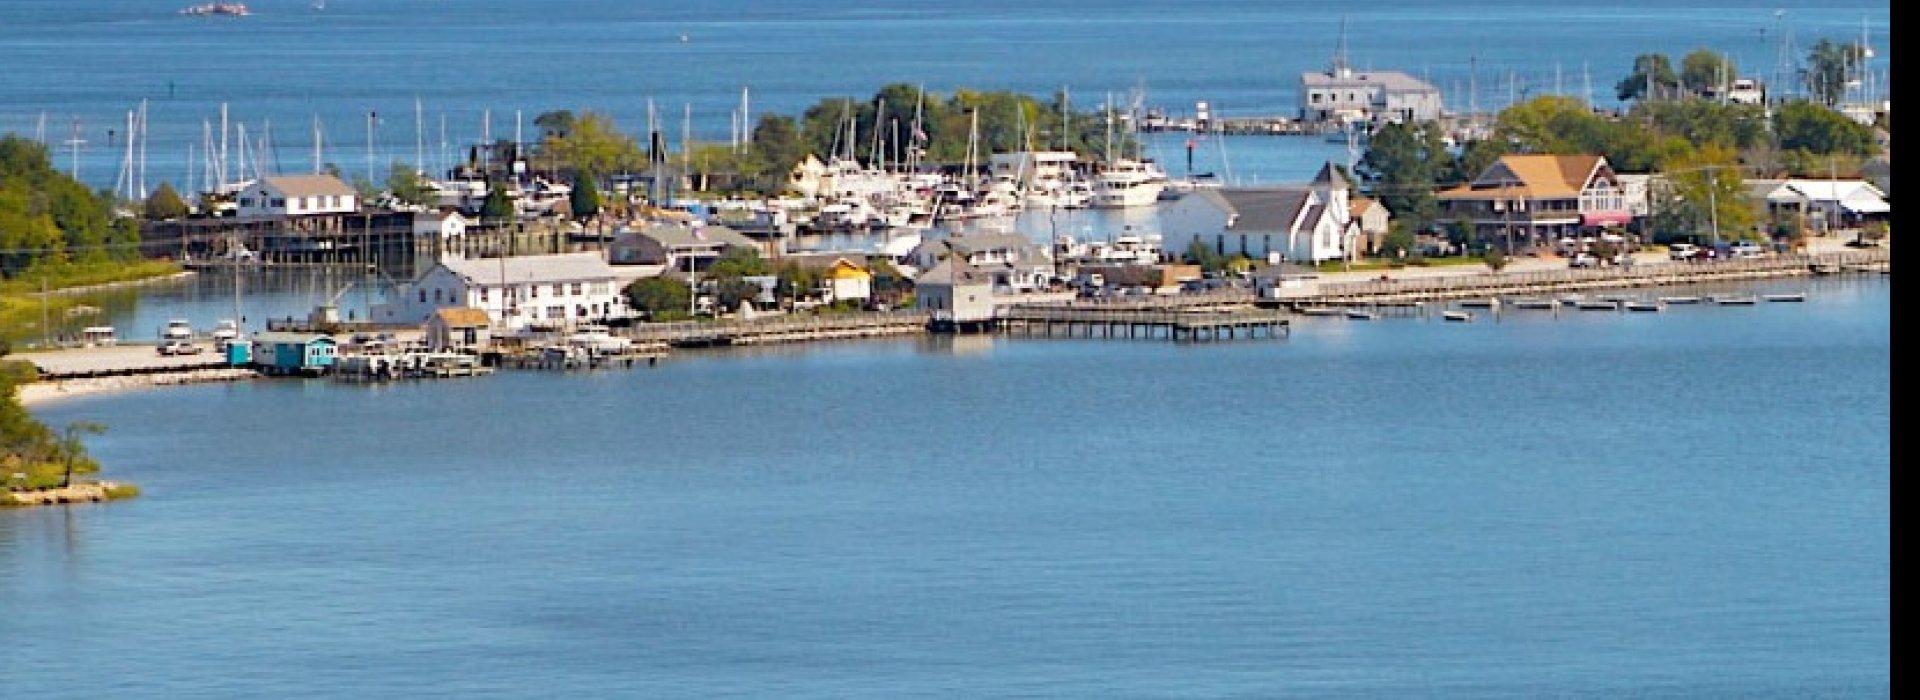 Marina Boatyard